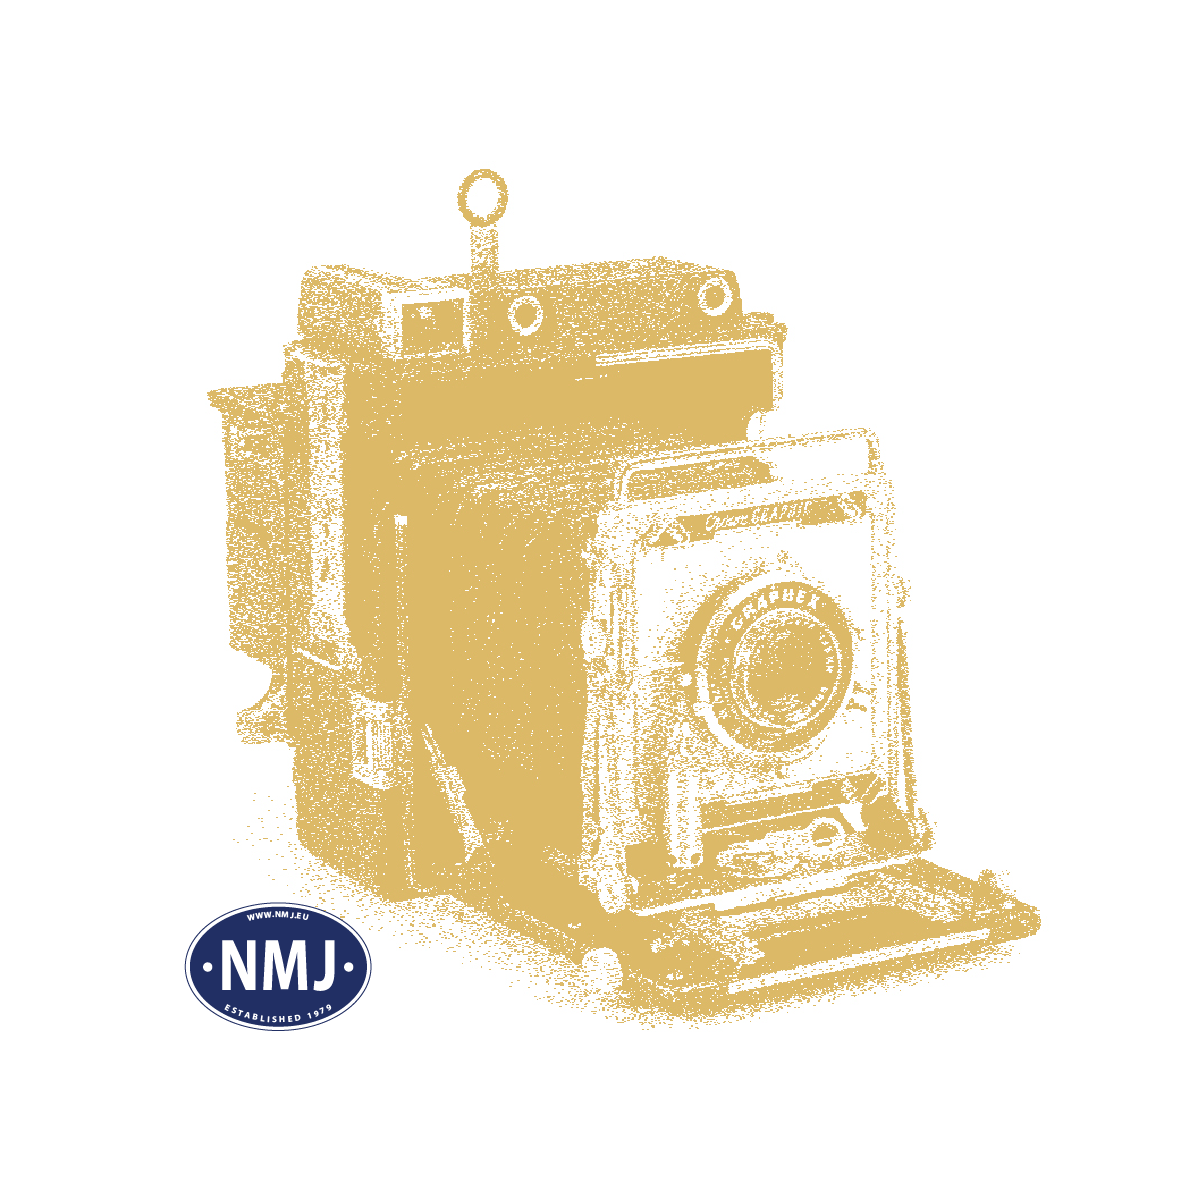 FAL170860 - Profi Dekorplate, 'Naturstein'